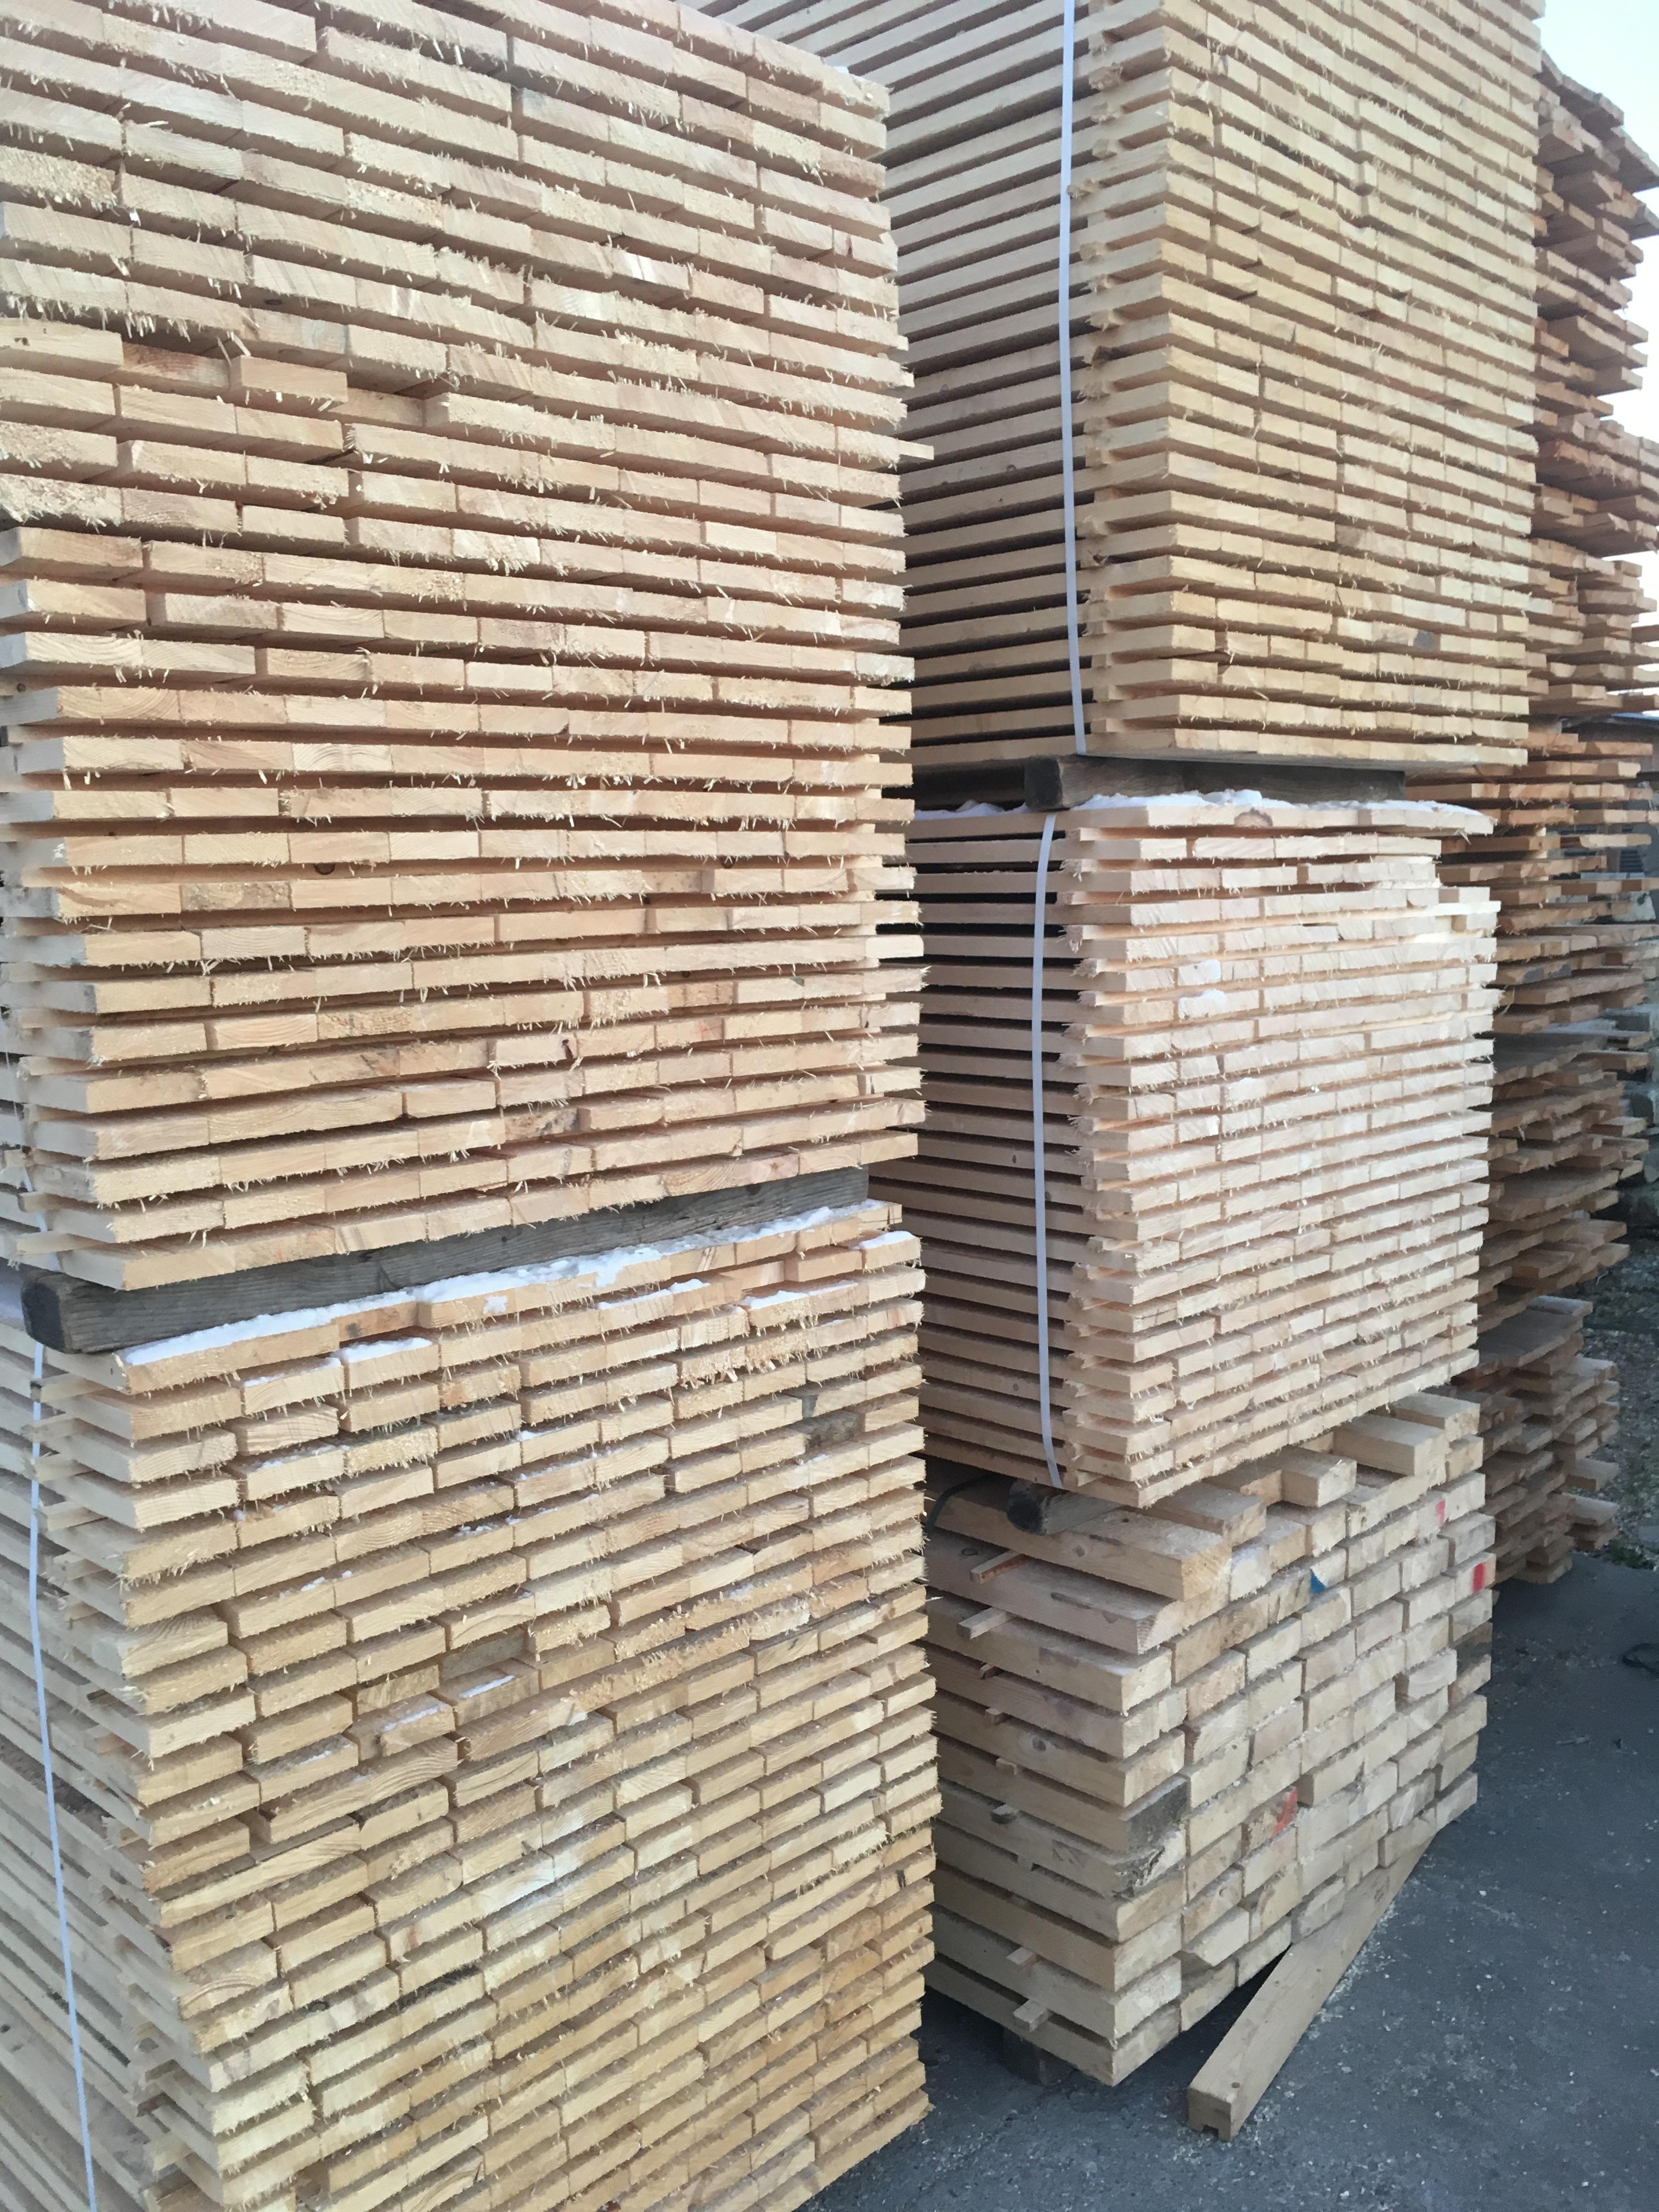 Deszka, palló fenyő fűrészáru - Árvai Faipar és építőanyag kereskedelem